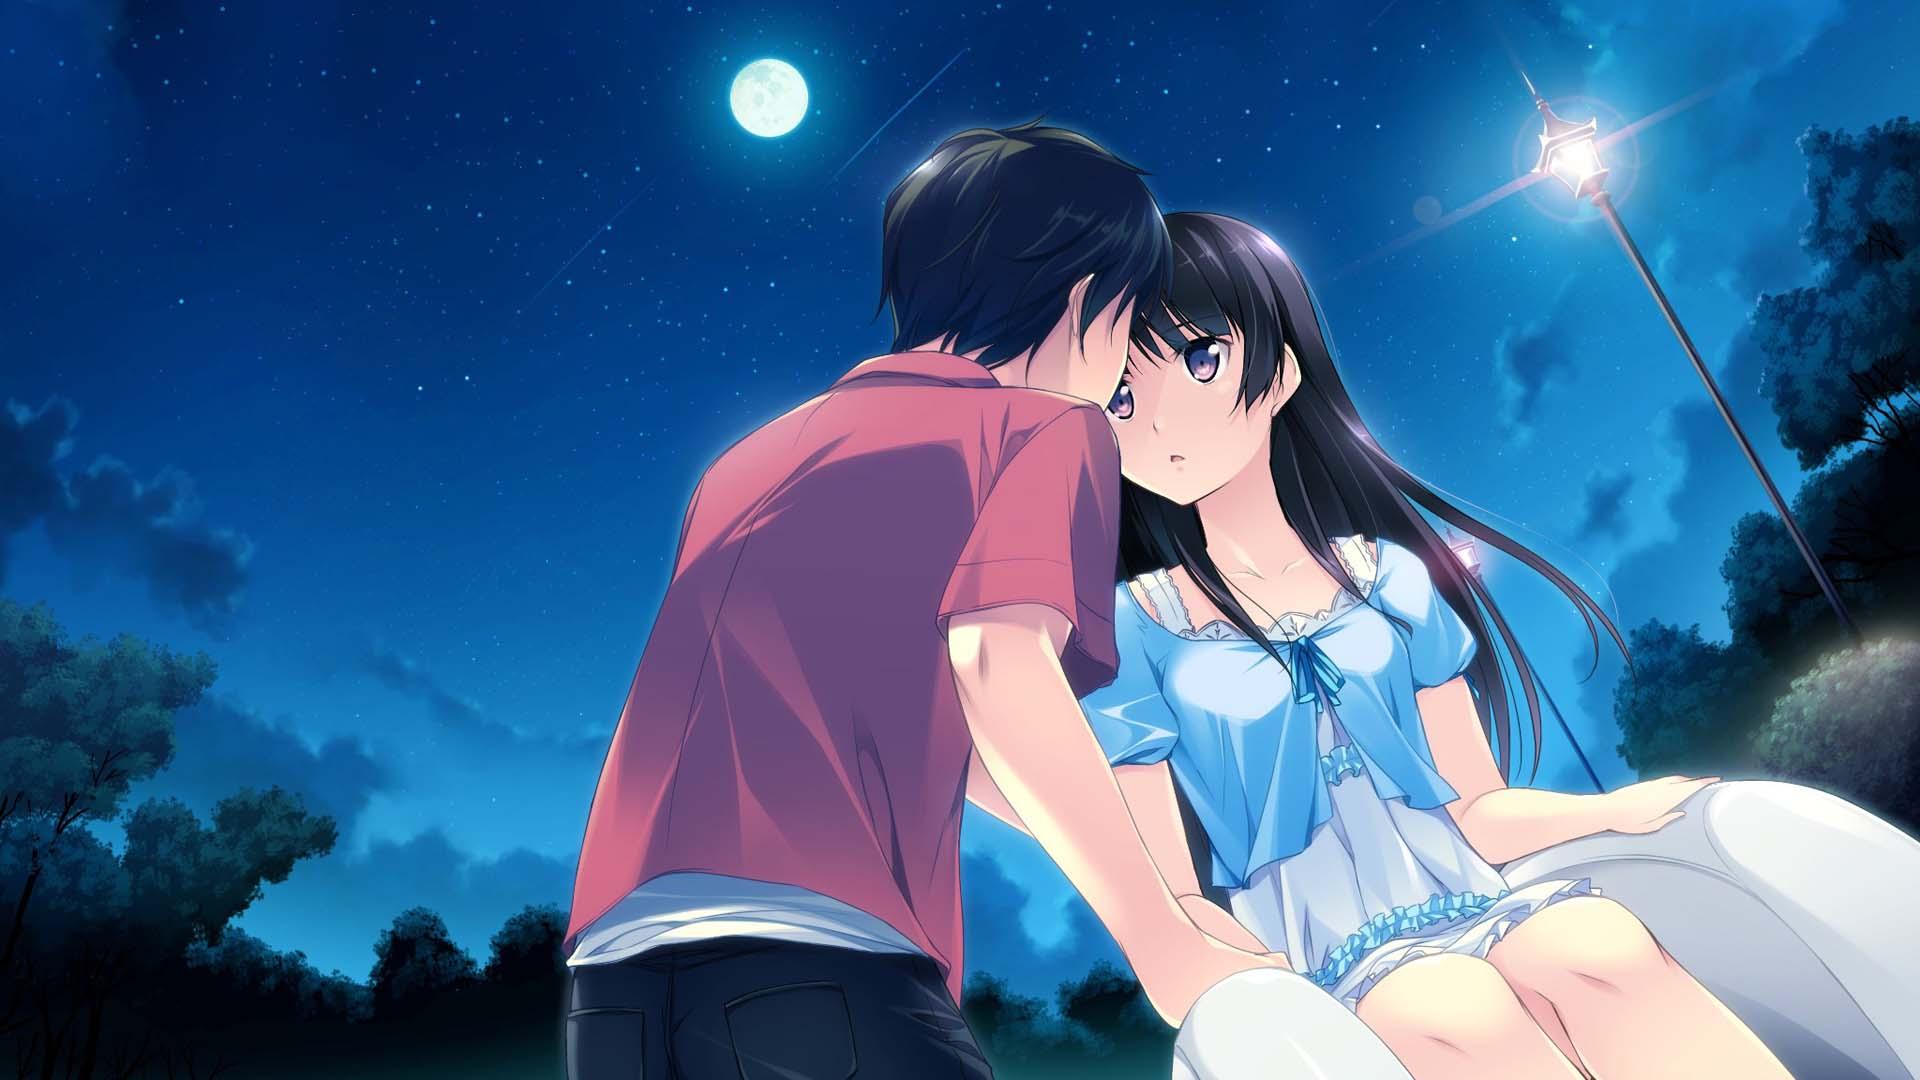 Love anime wallpaper